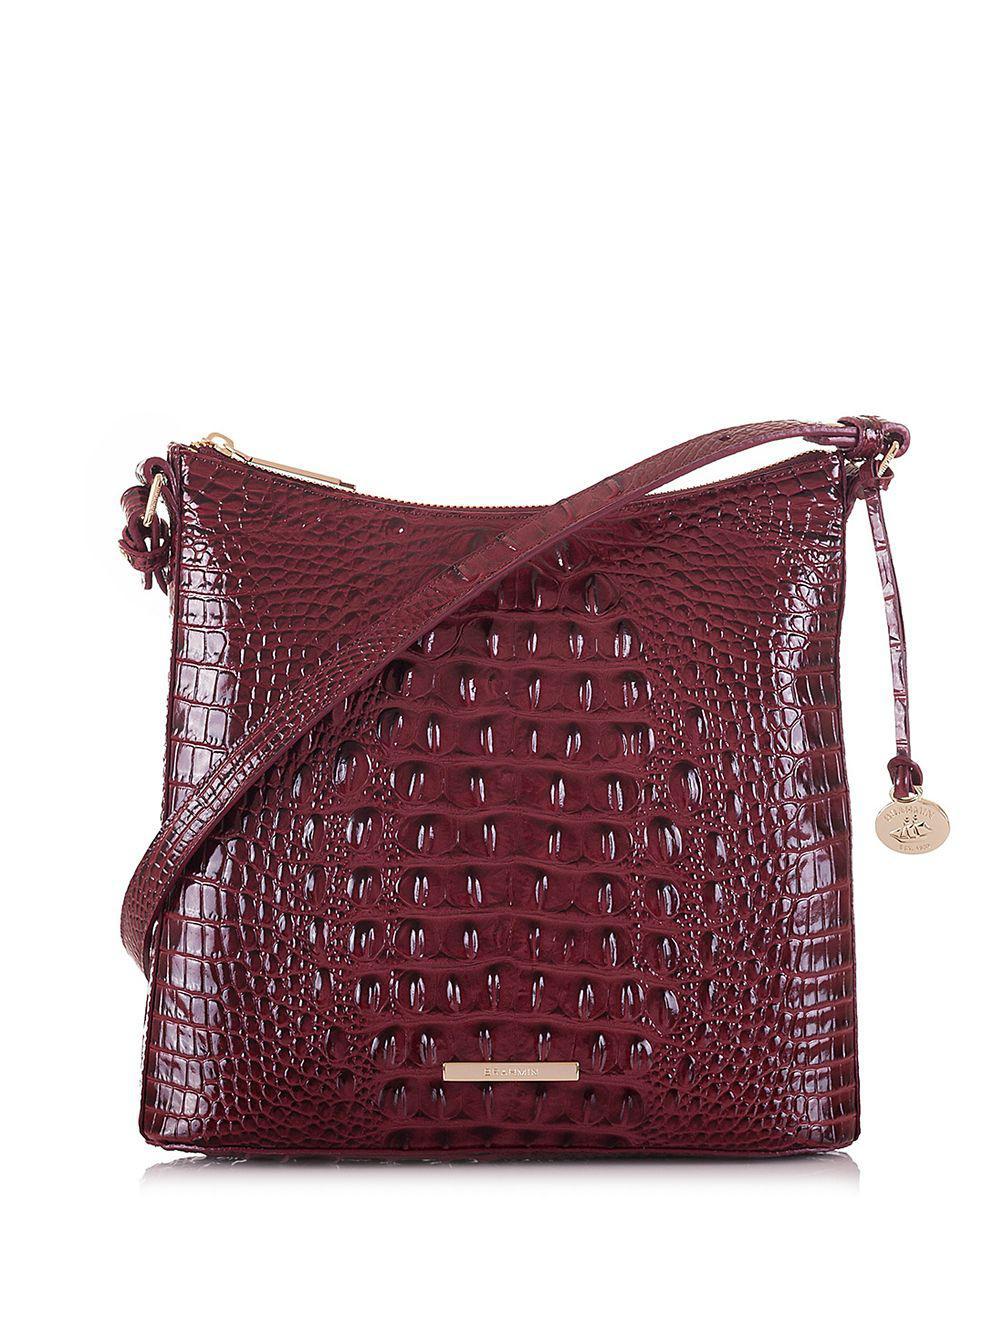 af8eb5b51 Brahmin Katie Top Zip Leather Crossbody Bag in Purple - Lyst